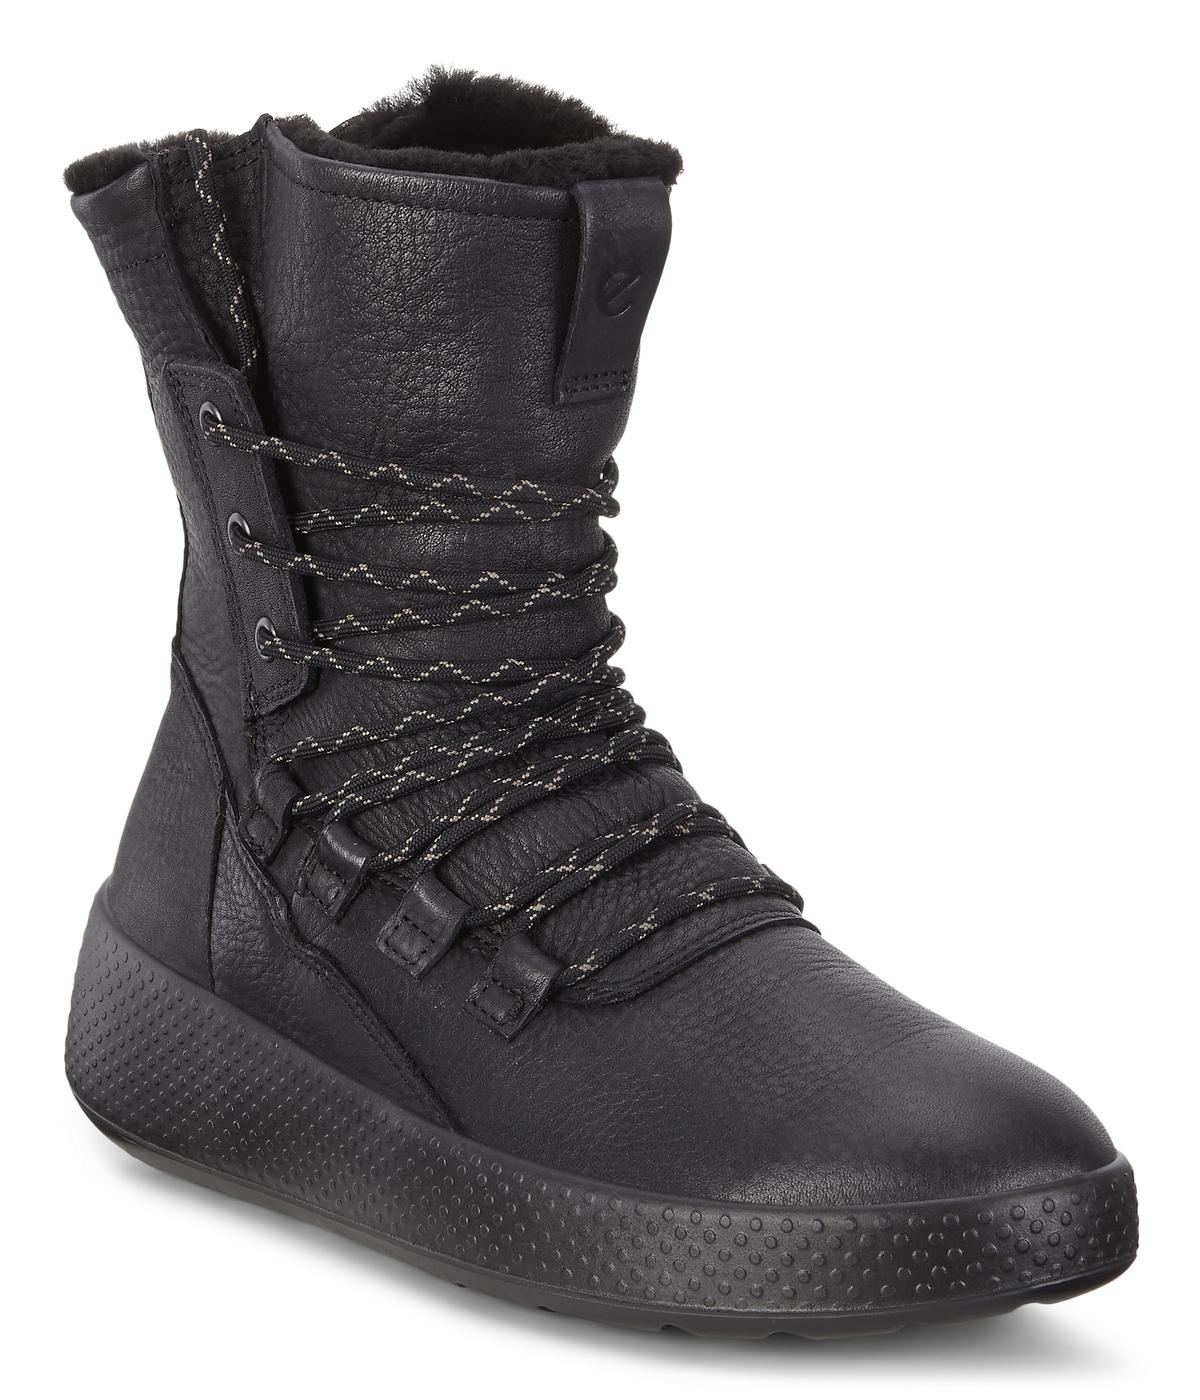 ECCO UKIUK Mid Boot Lace HM